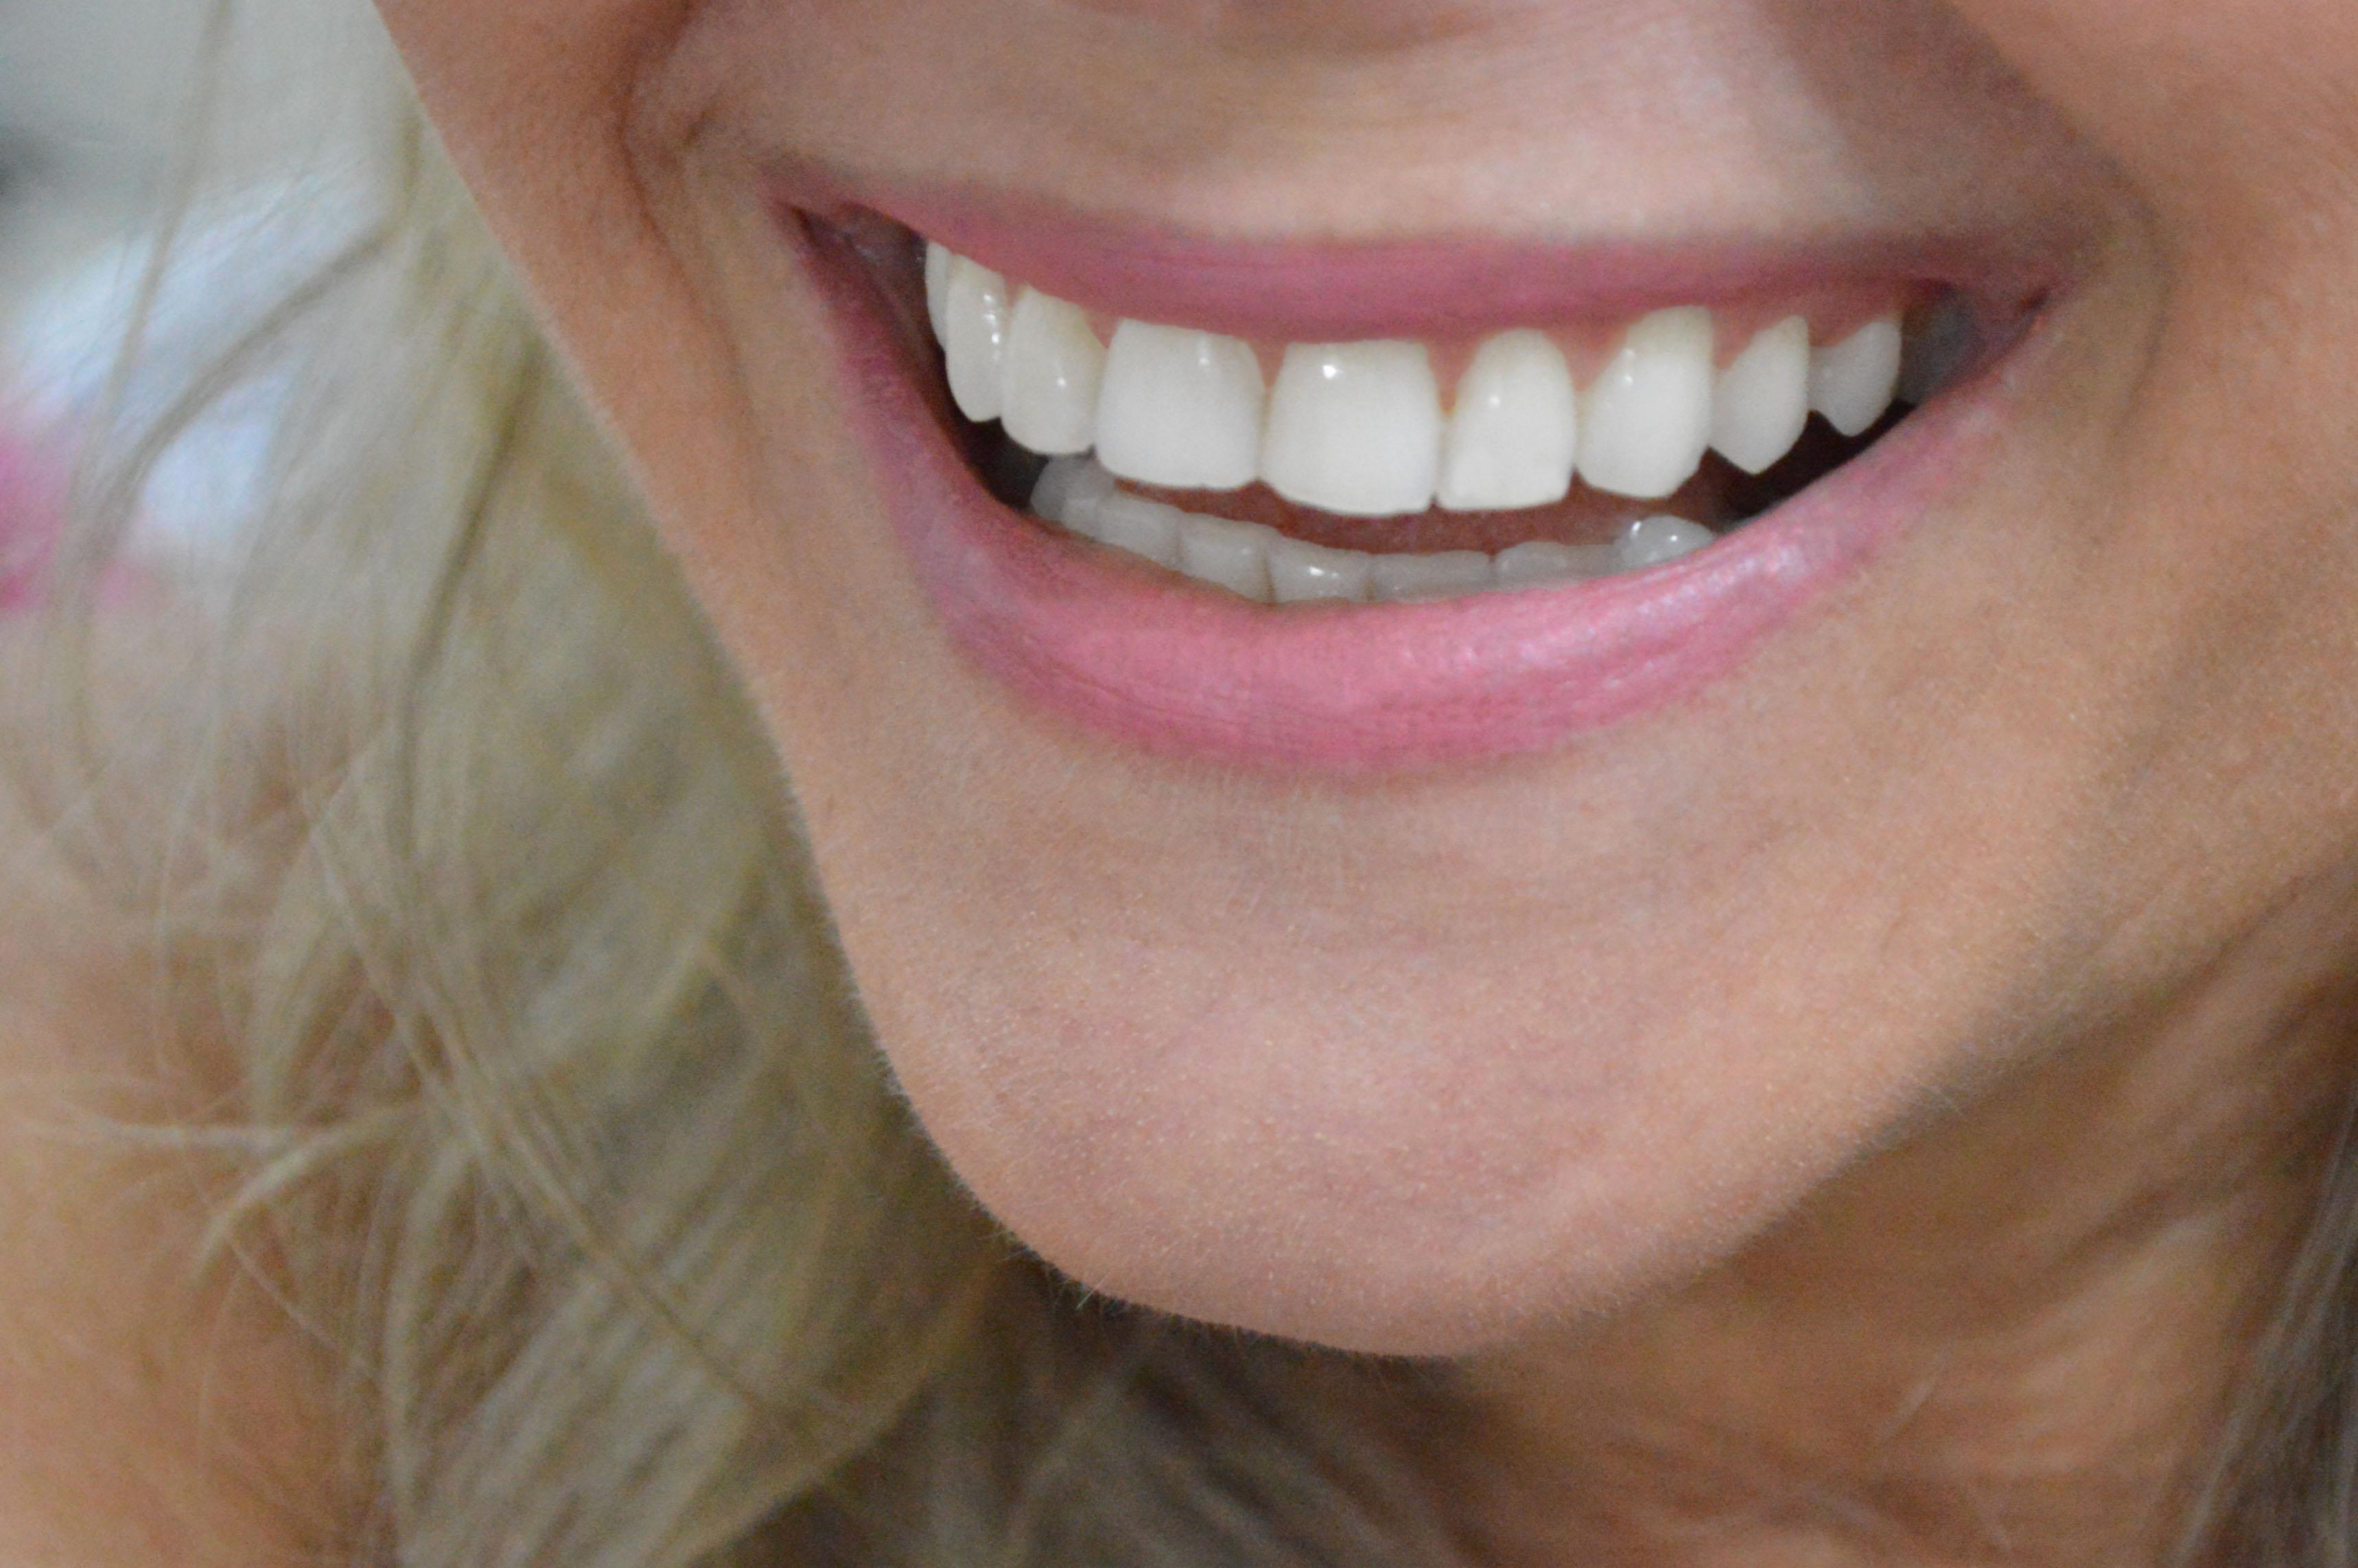 Odontólogo da sesau explica quais os alimentos foto Carla Cleto (2)